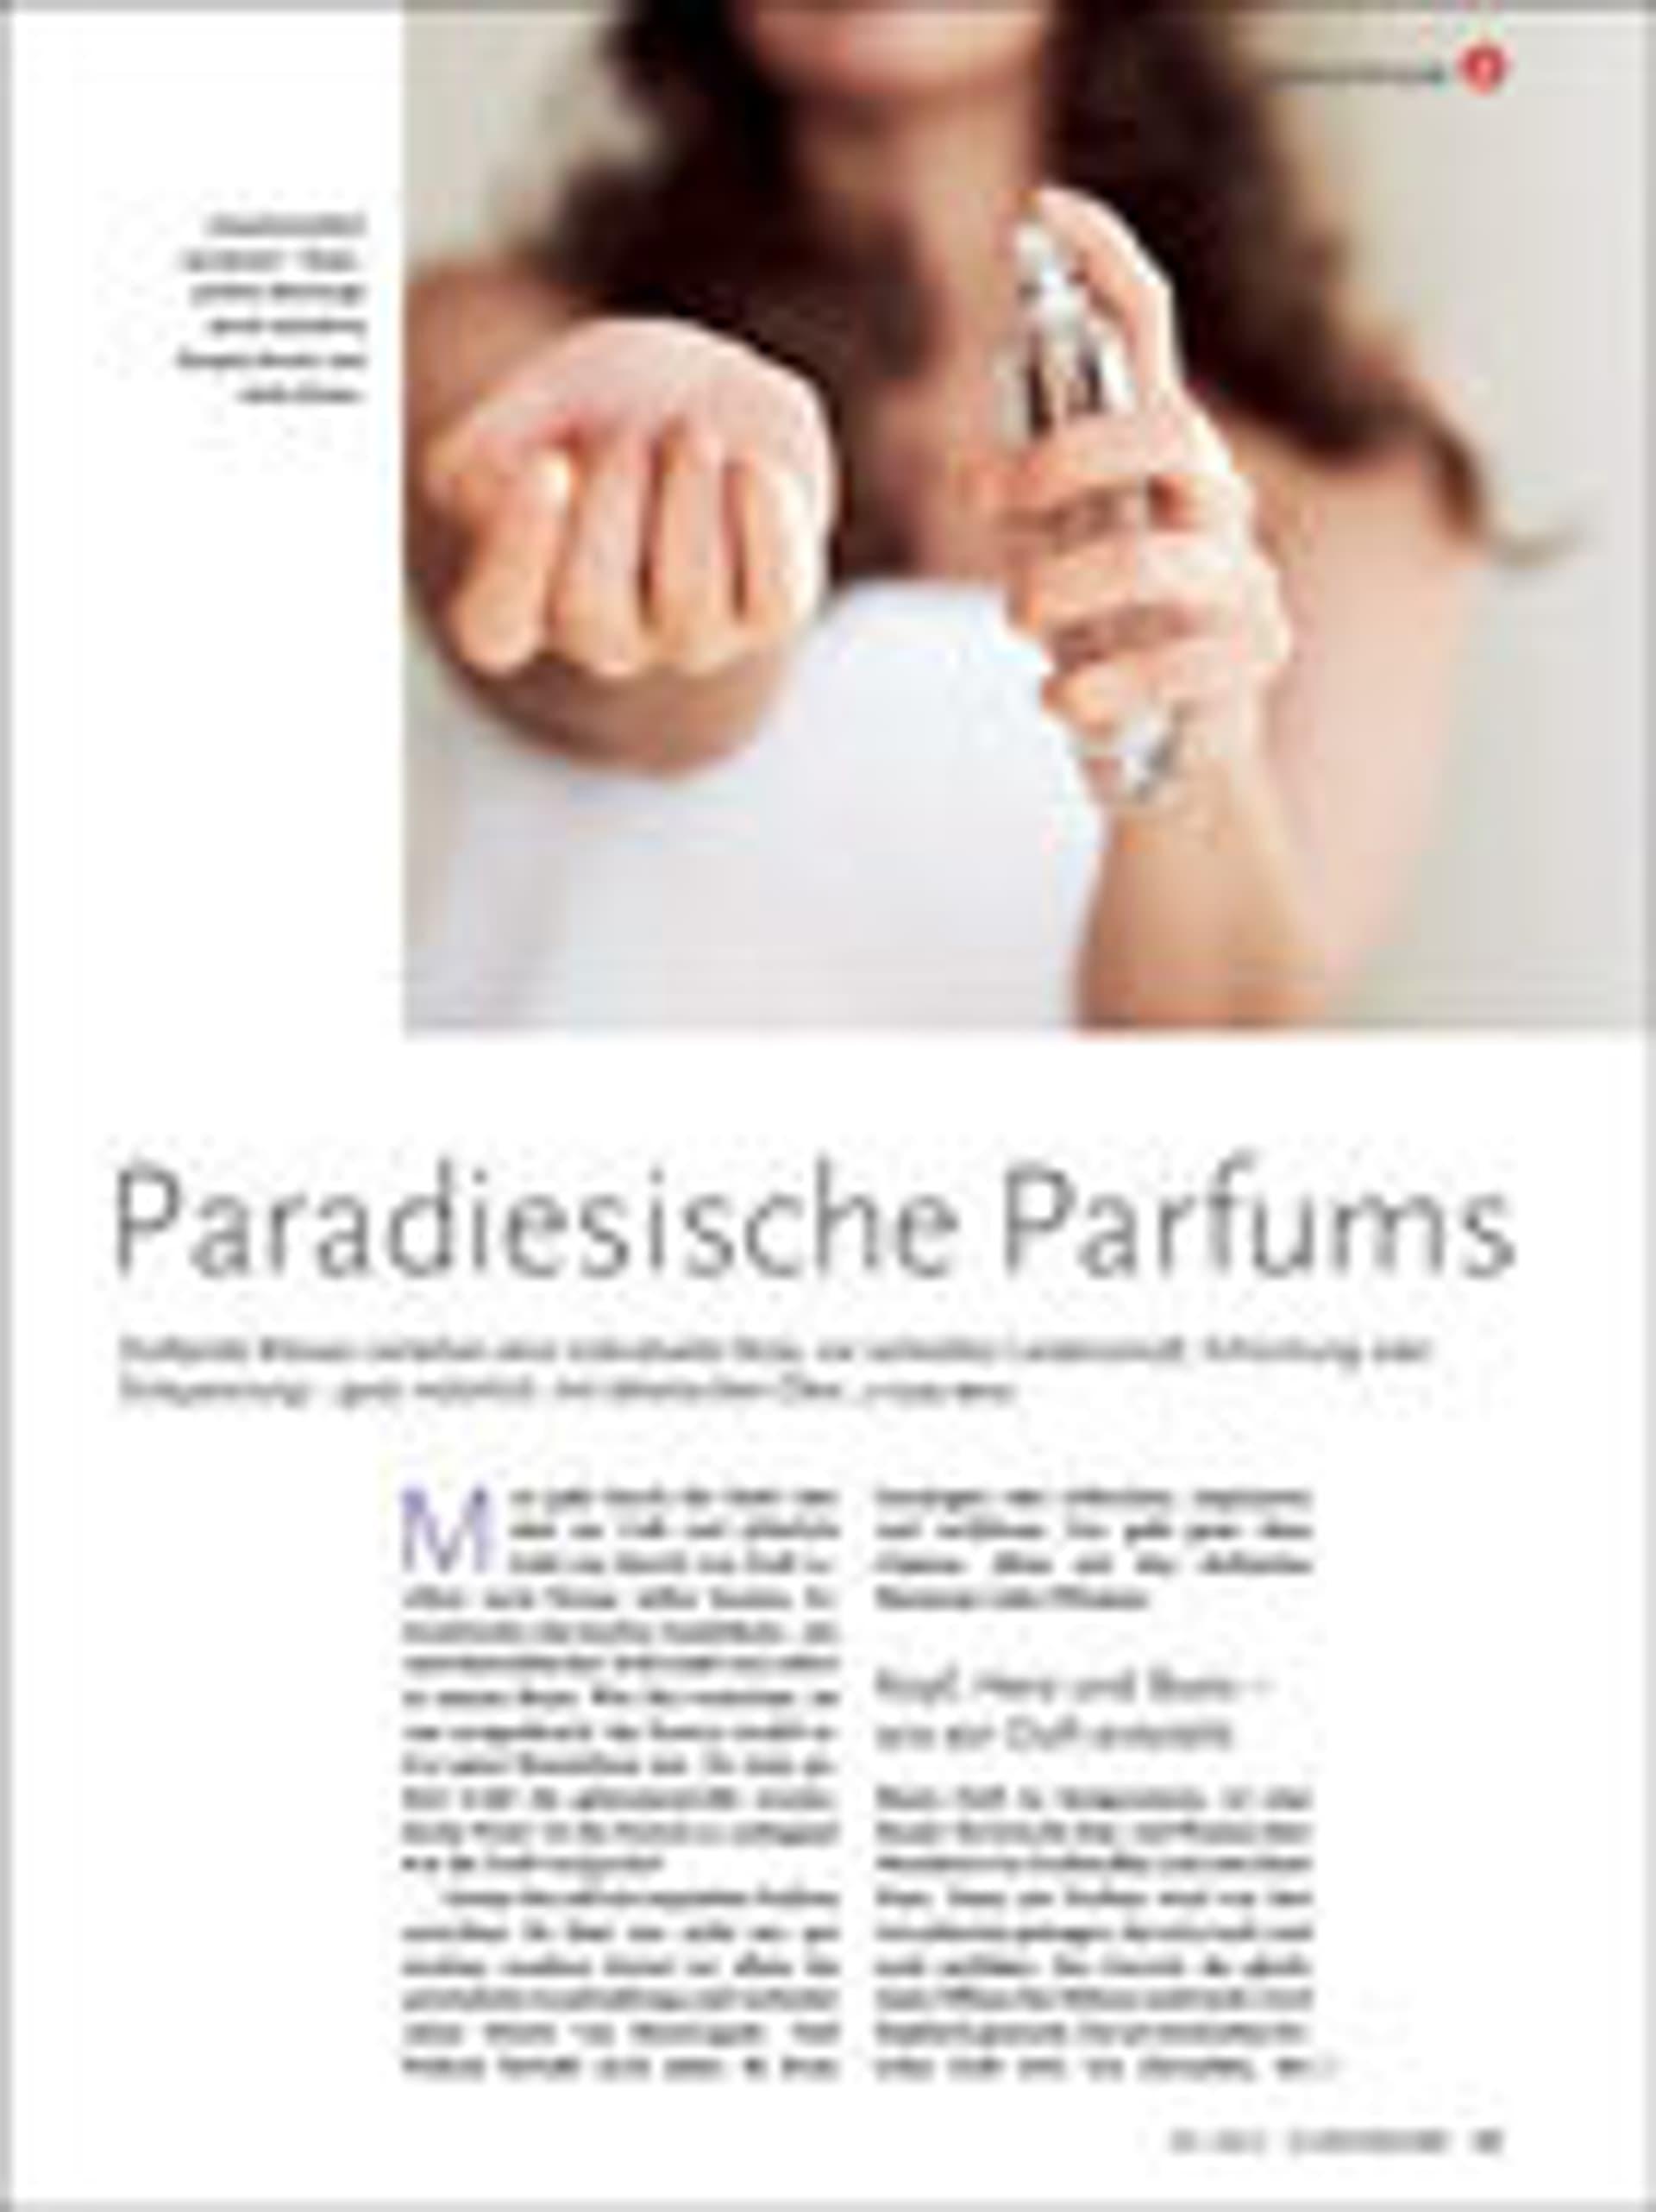 Warenkunde - Parfums